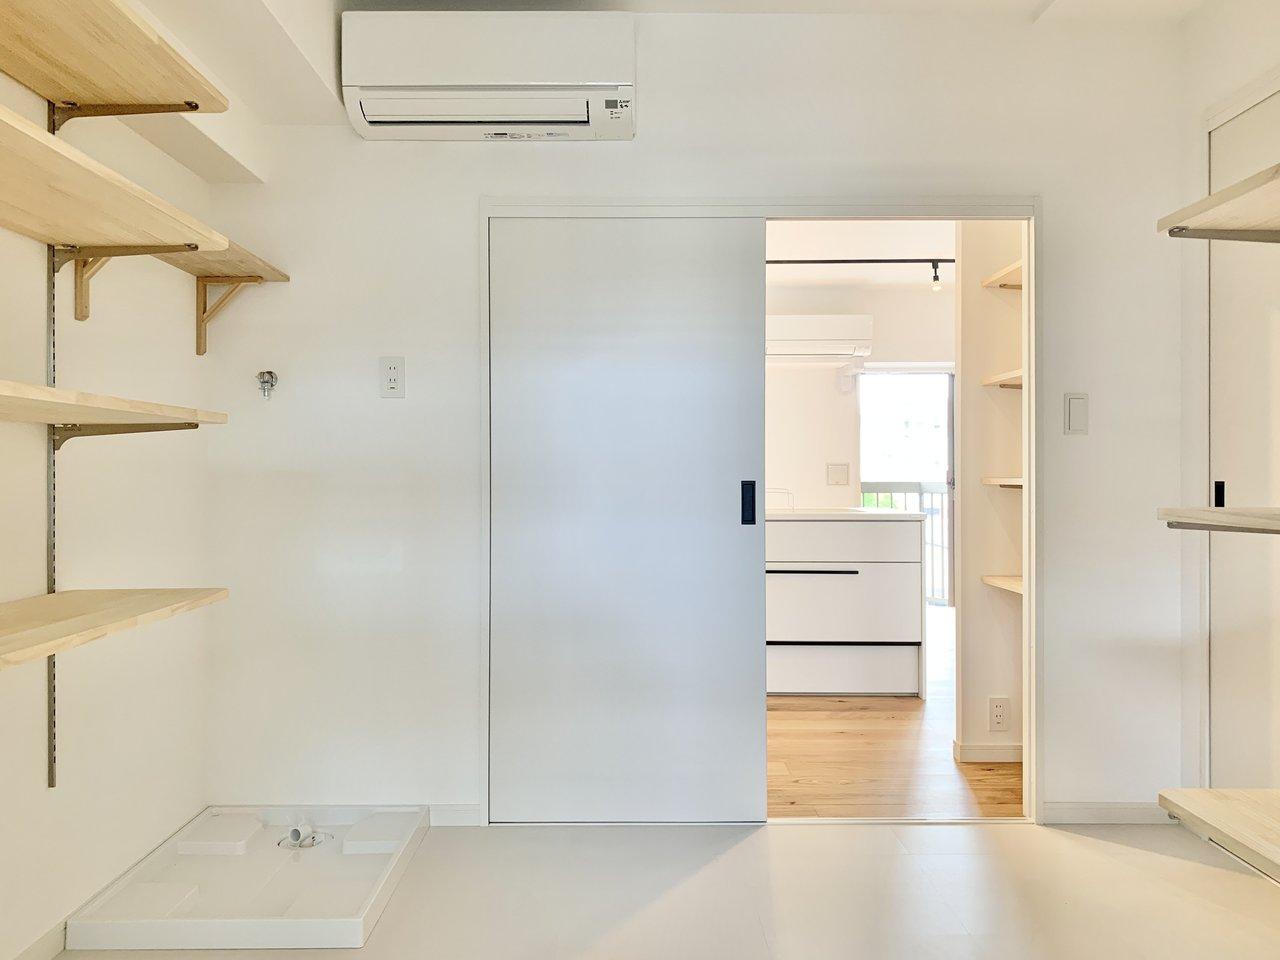 物干し竿受け・洗濯パンは同室のため、すぐお洗濯物が干せるんです。さらにエアコン付きで快適ですね。